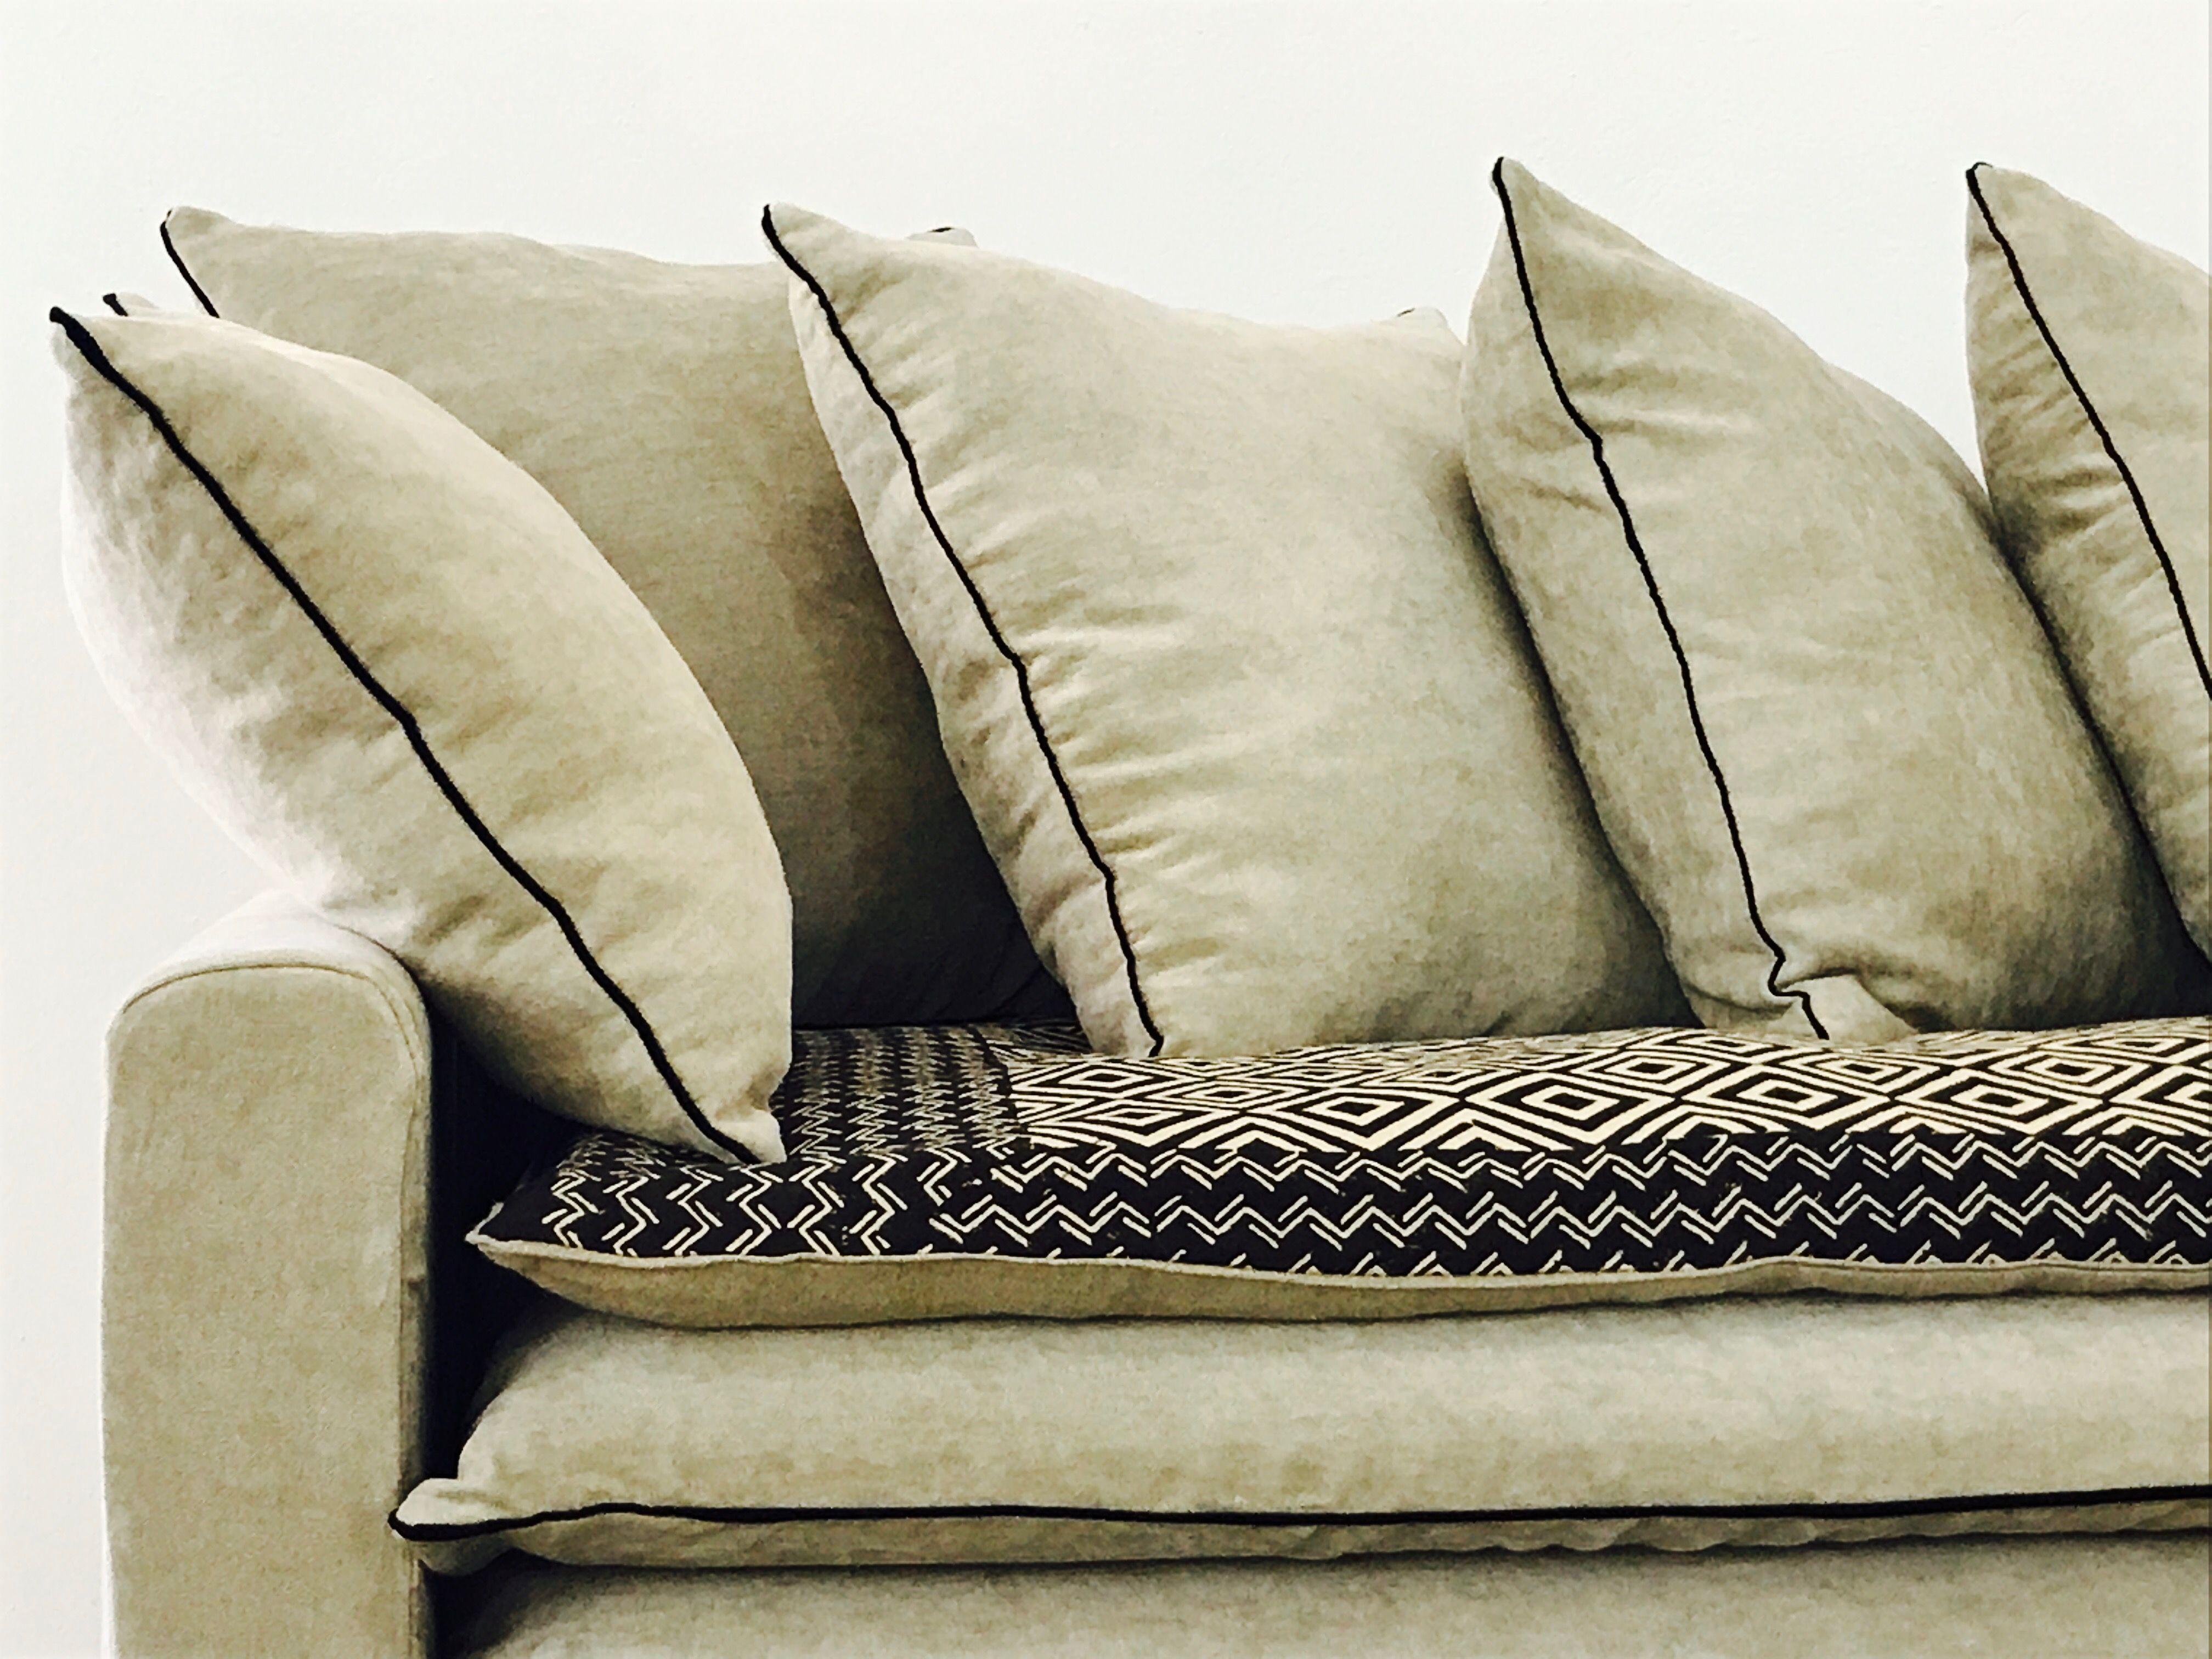 canap en lin lav beige ciment et son sofa cover beige et noir canap s sur mesure en lin lav. Black Bedroom Furniture Sets. Home Design Ideas